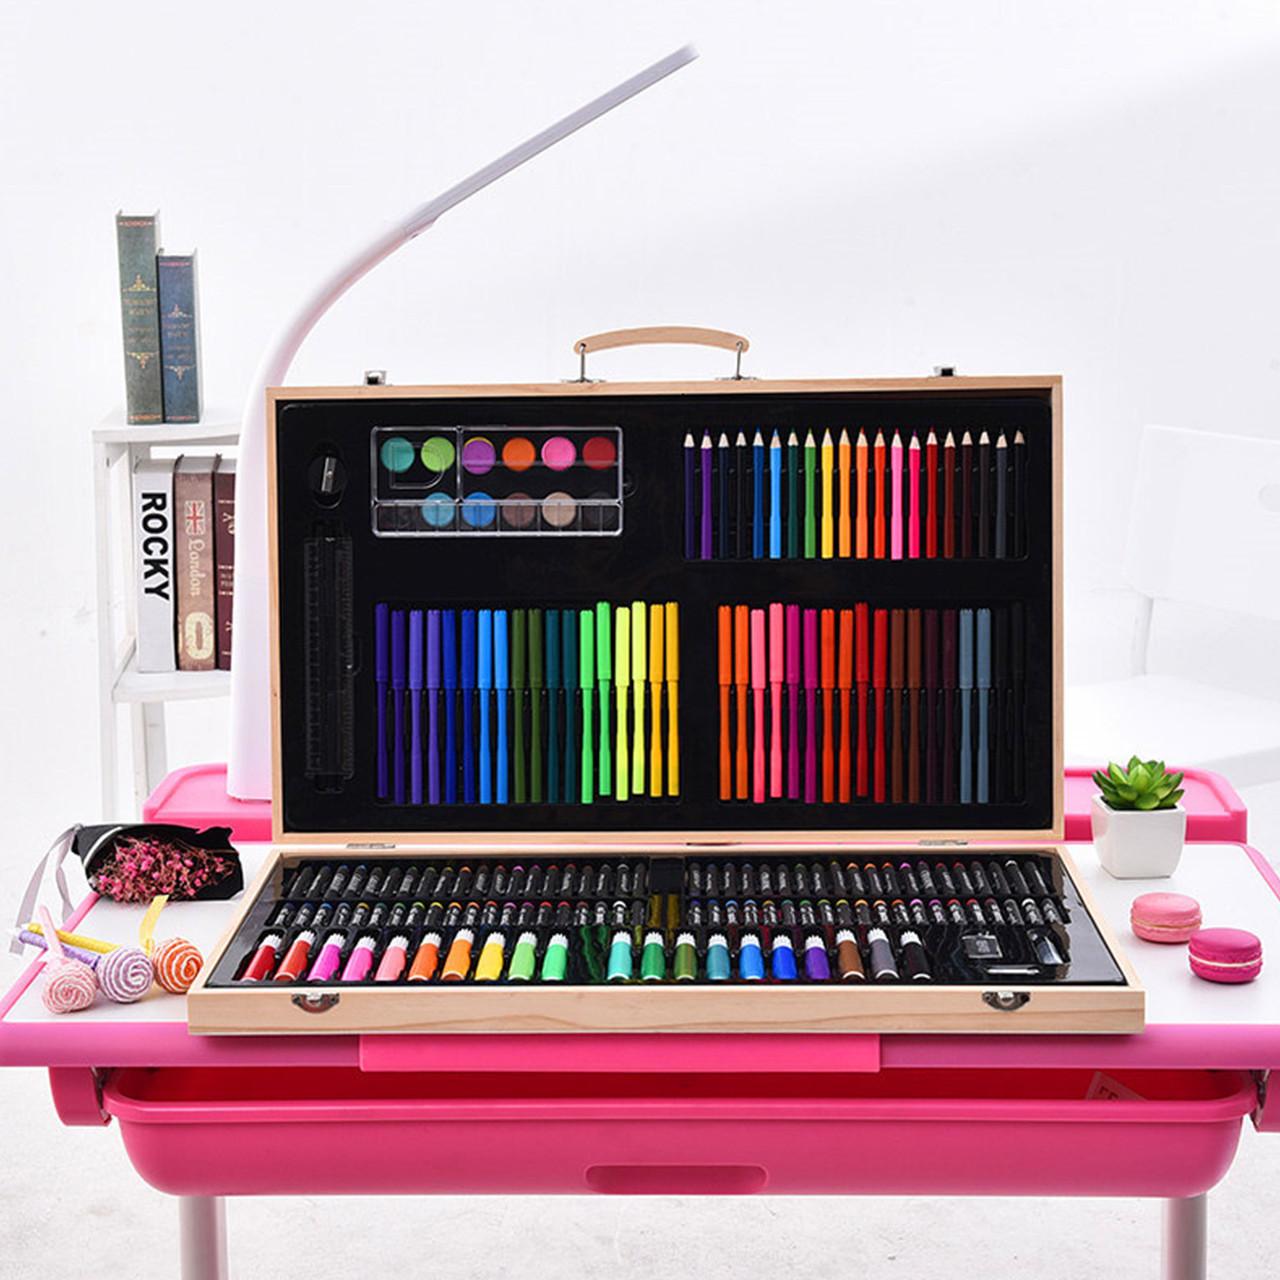 Большой набор для рисования Painting Set 180 предметов детского творчества цветные карандаши фломастеры